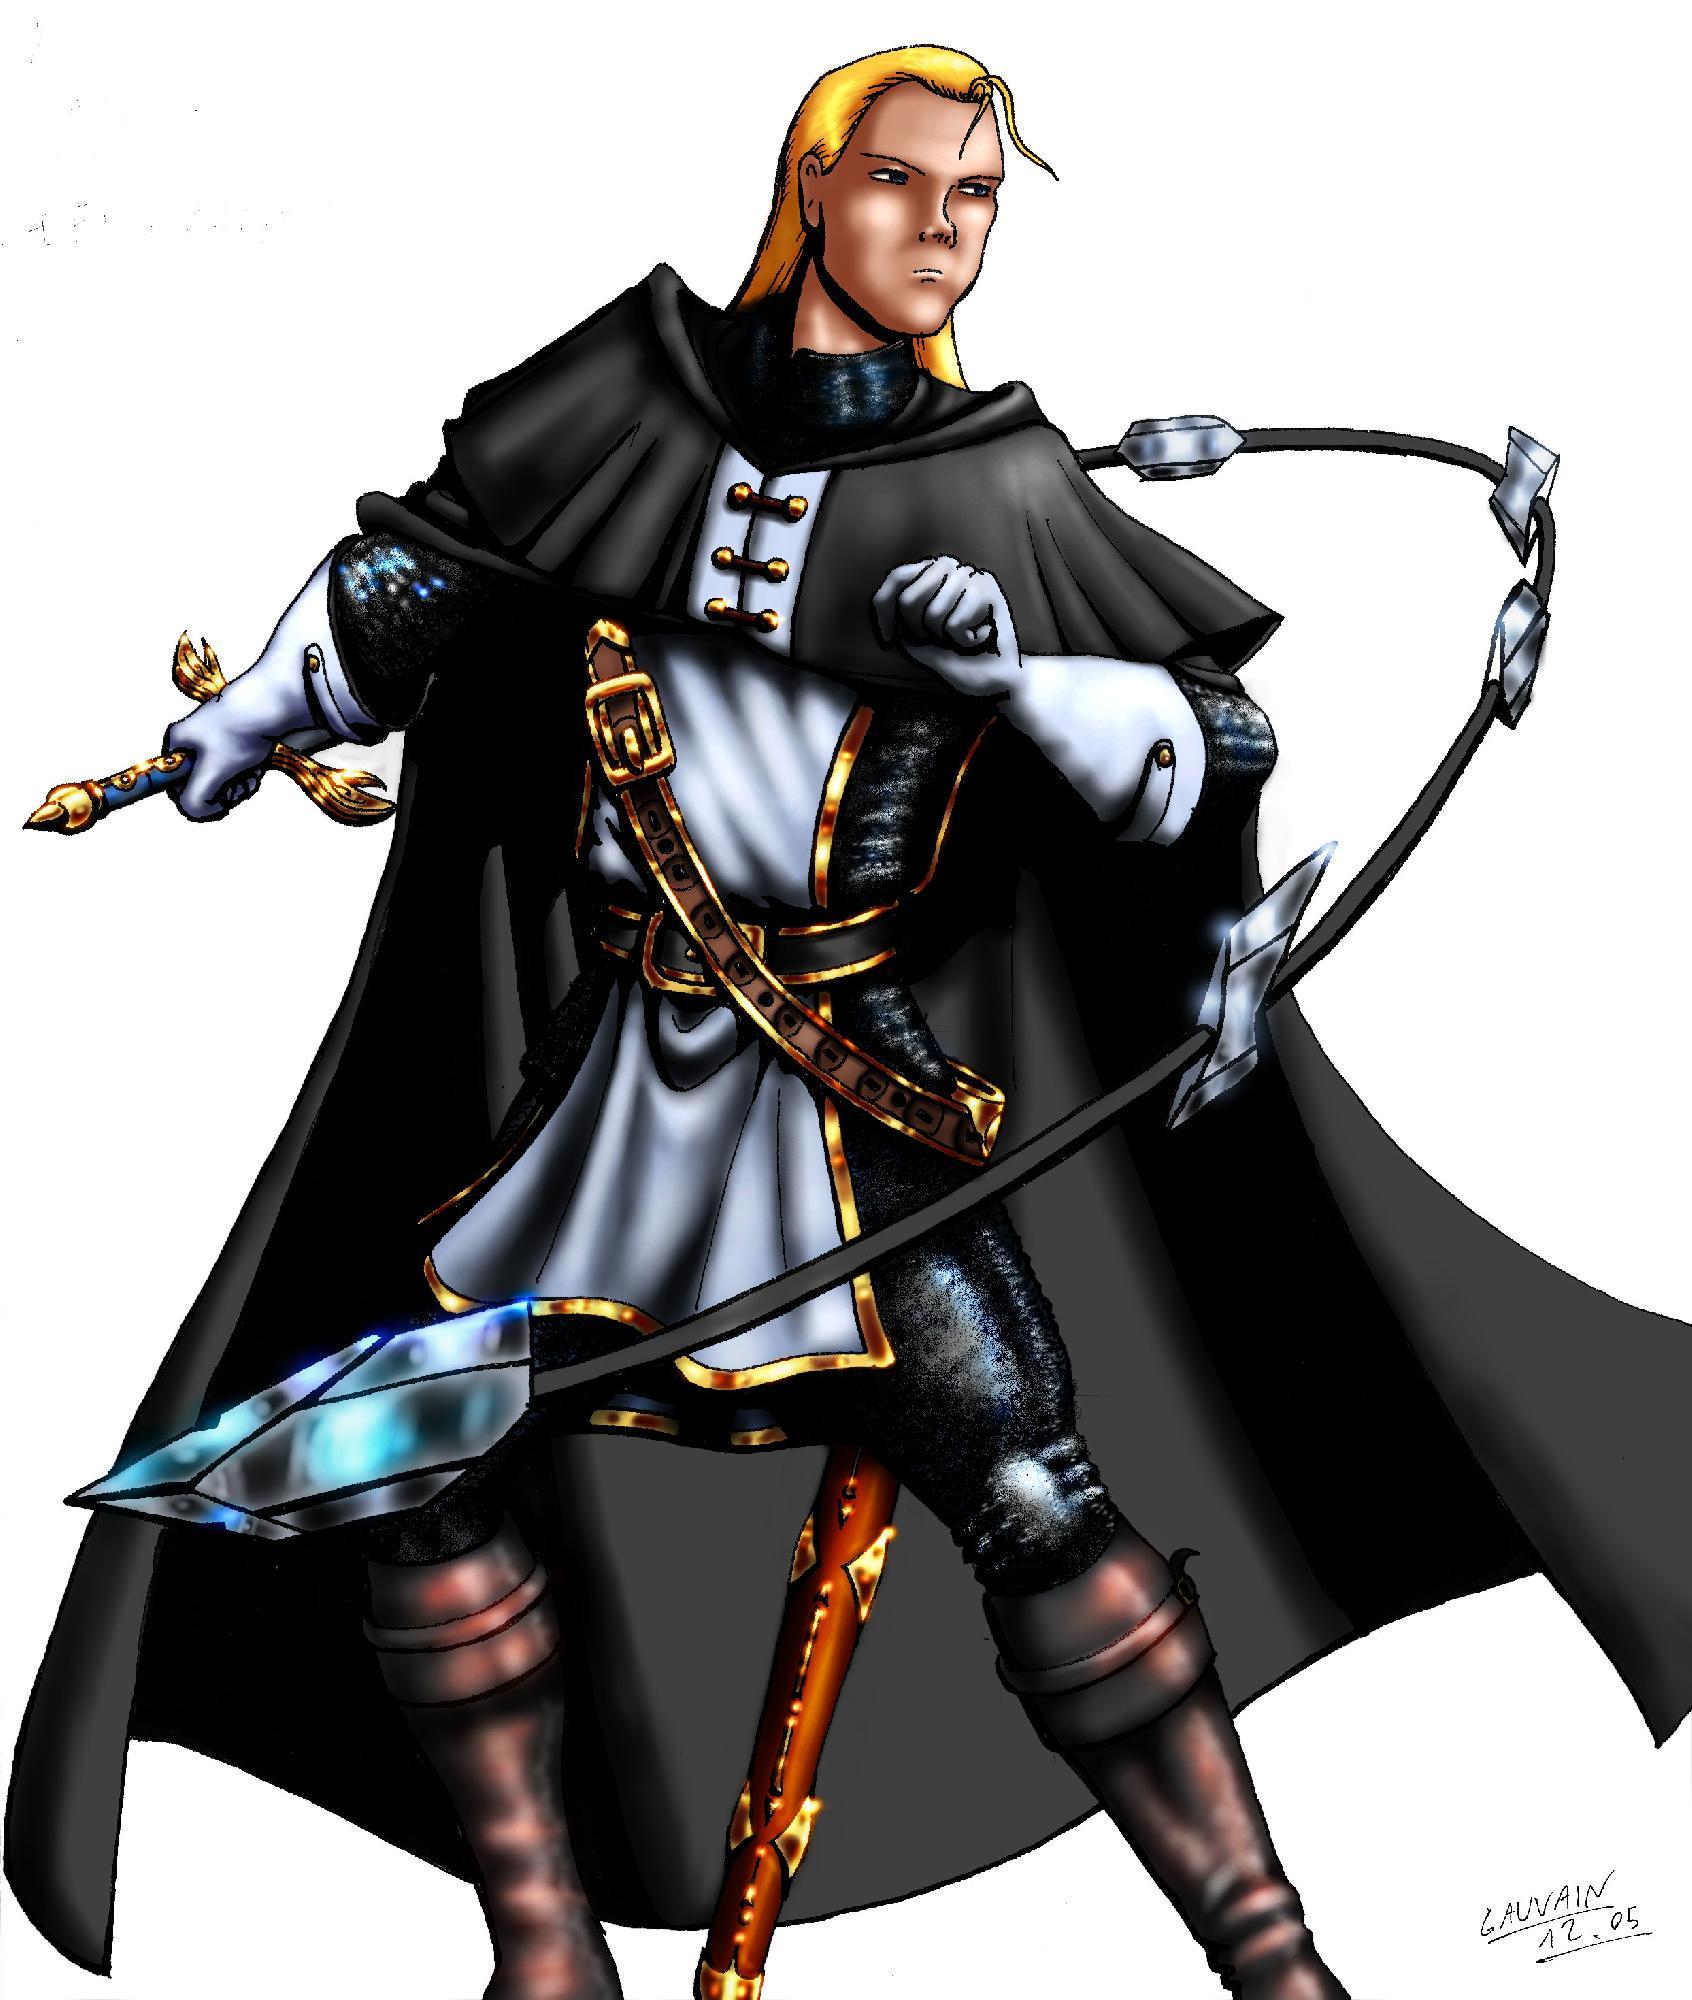 Fugitifs : Dessins des personnages joueurs Image5c811aef6fcb1